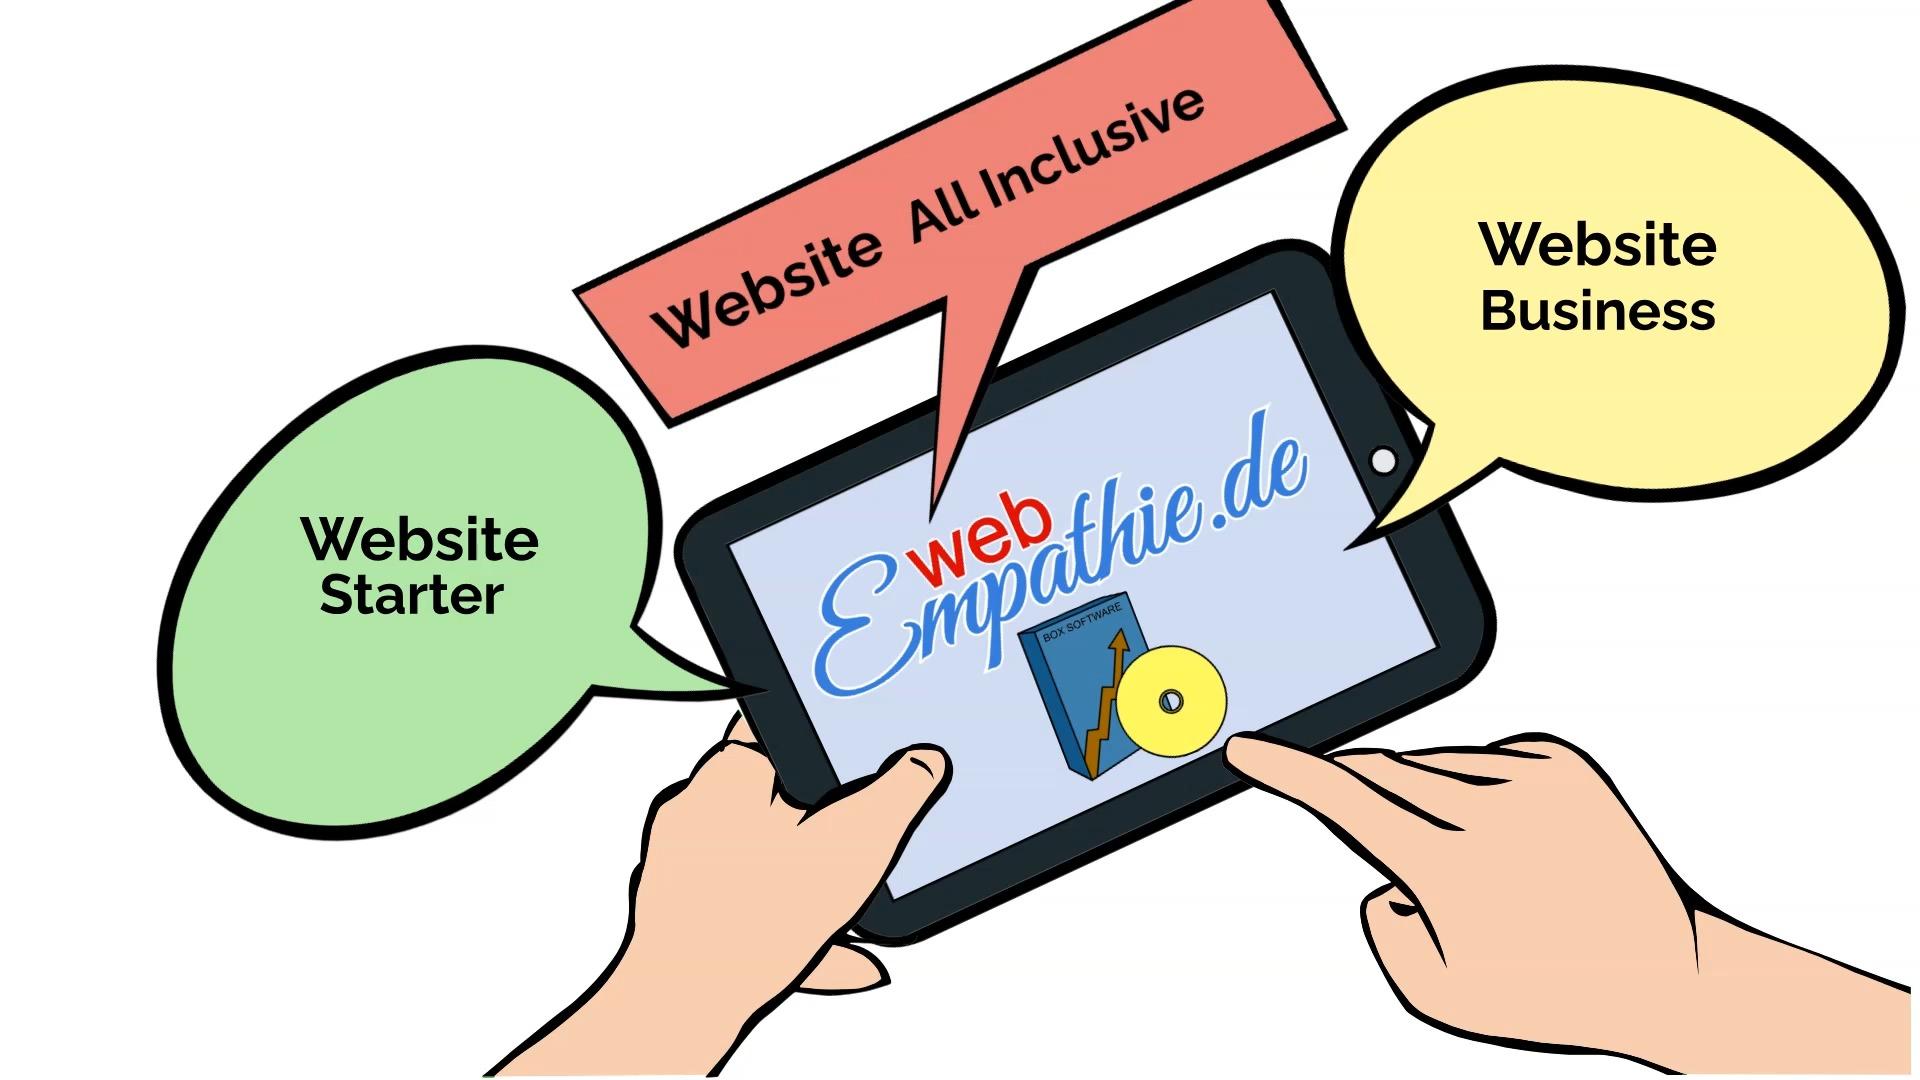 Wie finde ich einen guten Webdesigner